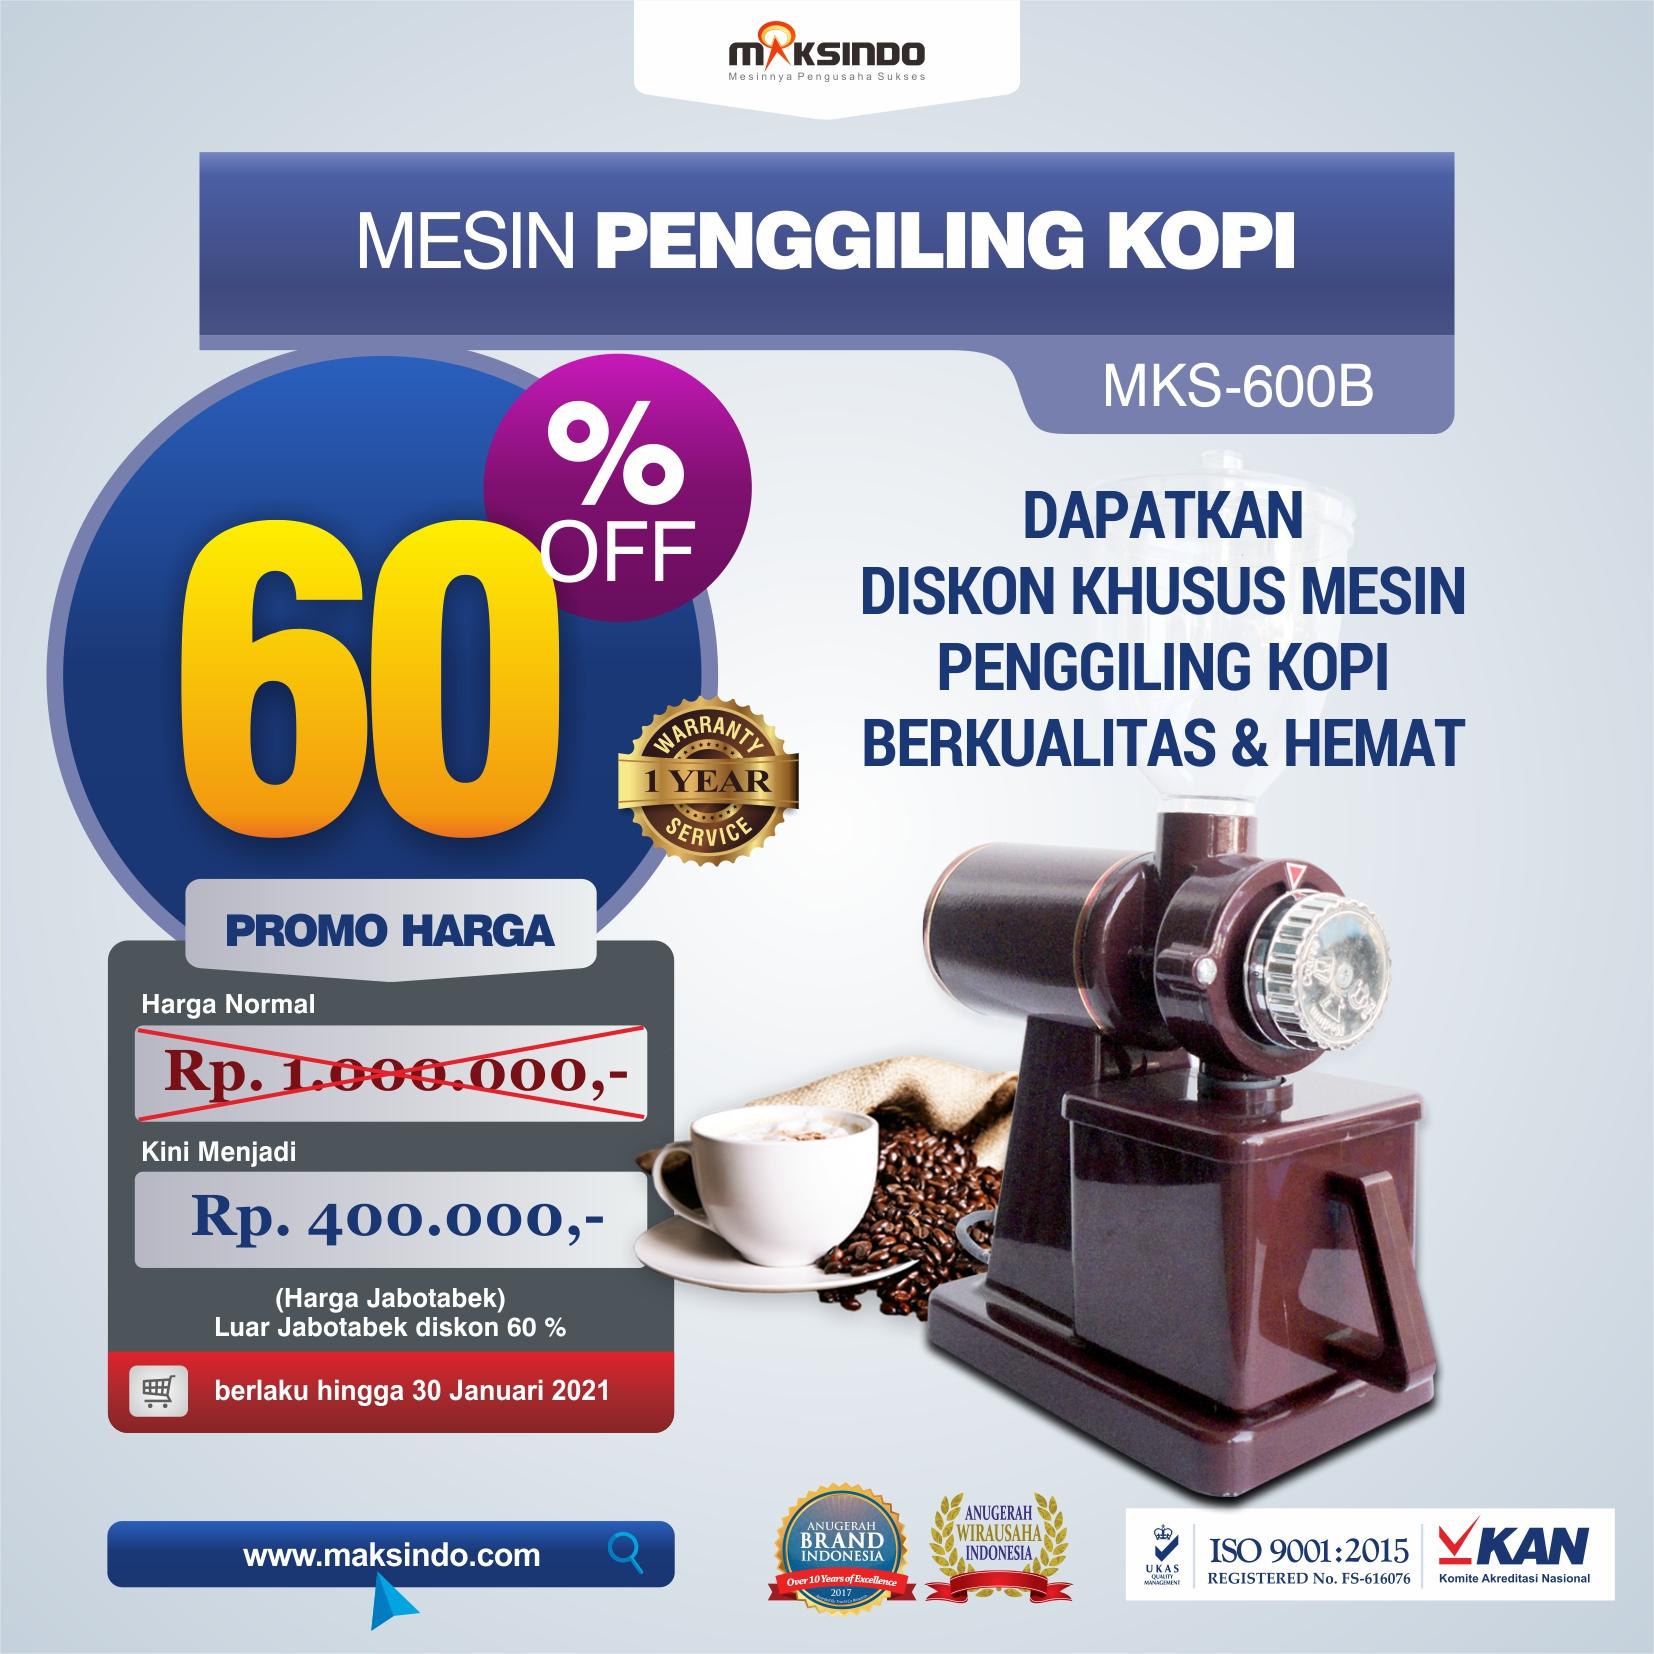 Jual Mesin Penggiling Kopi (MKS-600B) di Yogyakarta